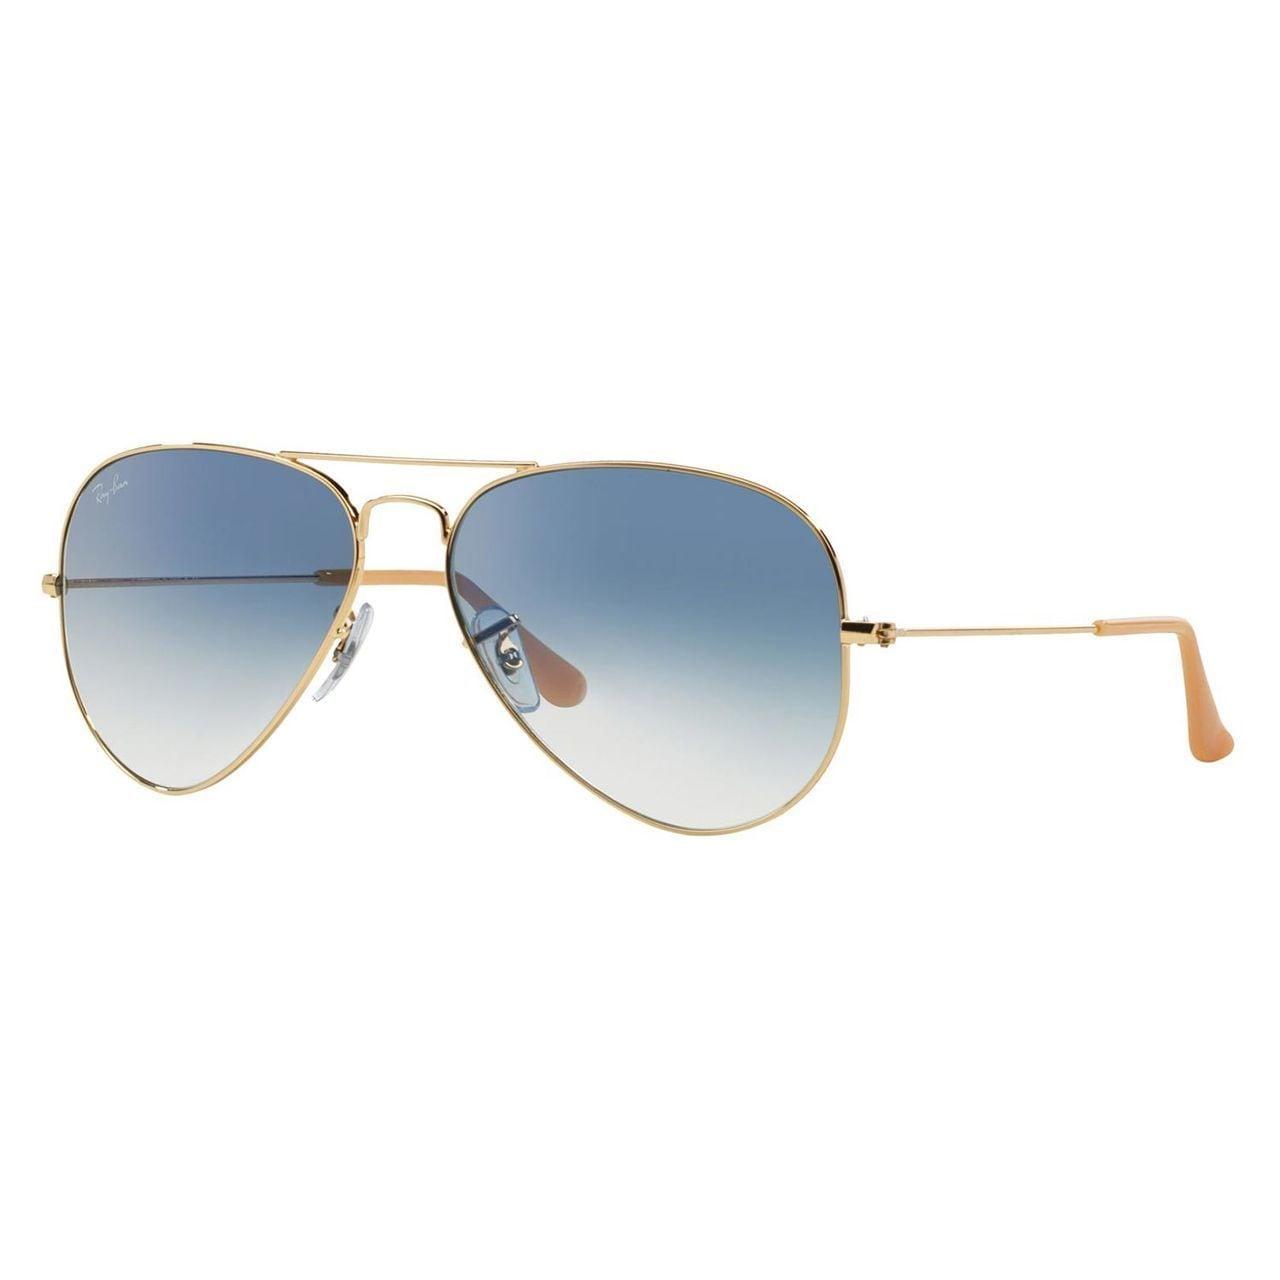 3b670096ed Ray-Ban Aviator RB 3025 Unisex Gold Frame Light Blue Gradient Lens  Sunglasses